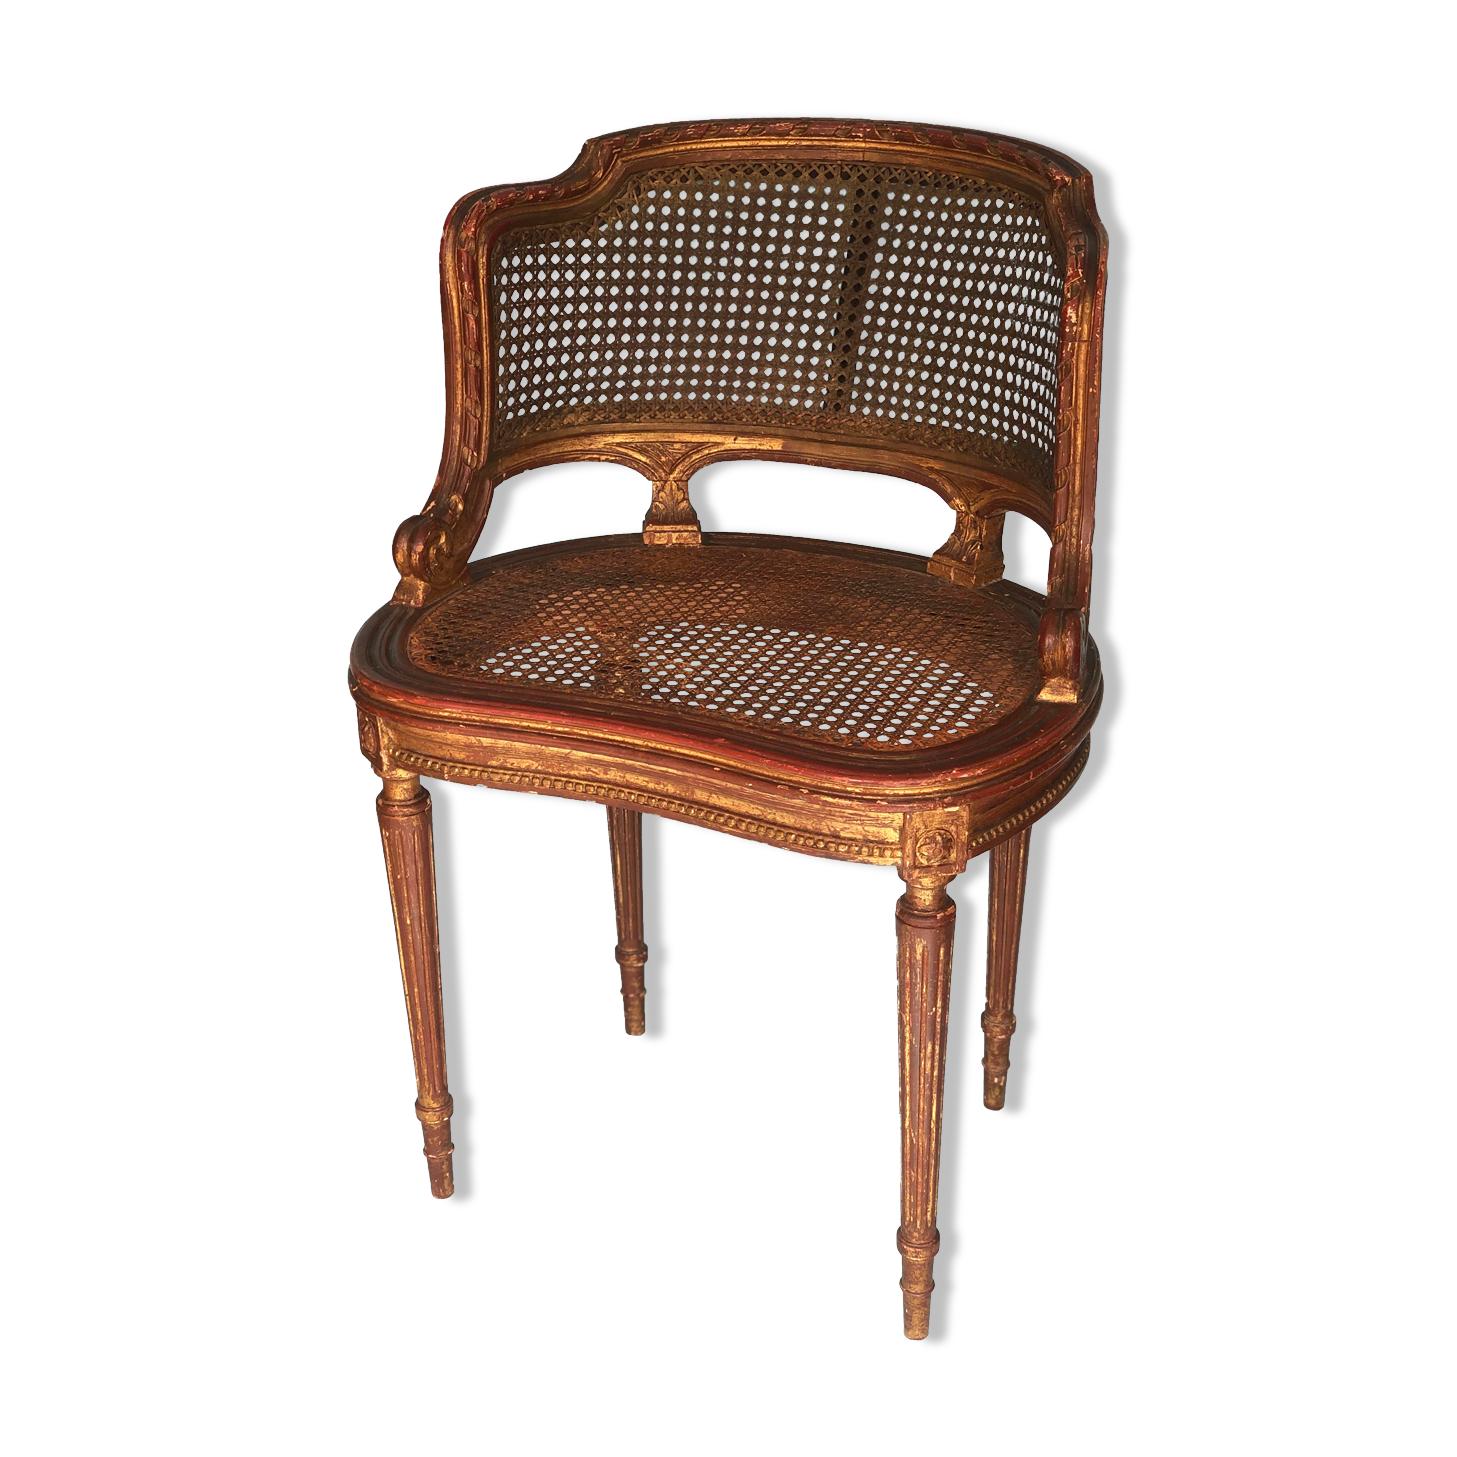 Chaise en bois doré français bergère du 18ème siècle avec sculptures à la main et canette